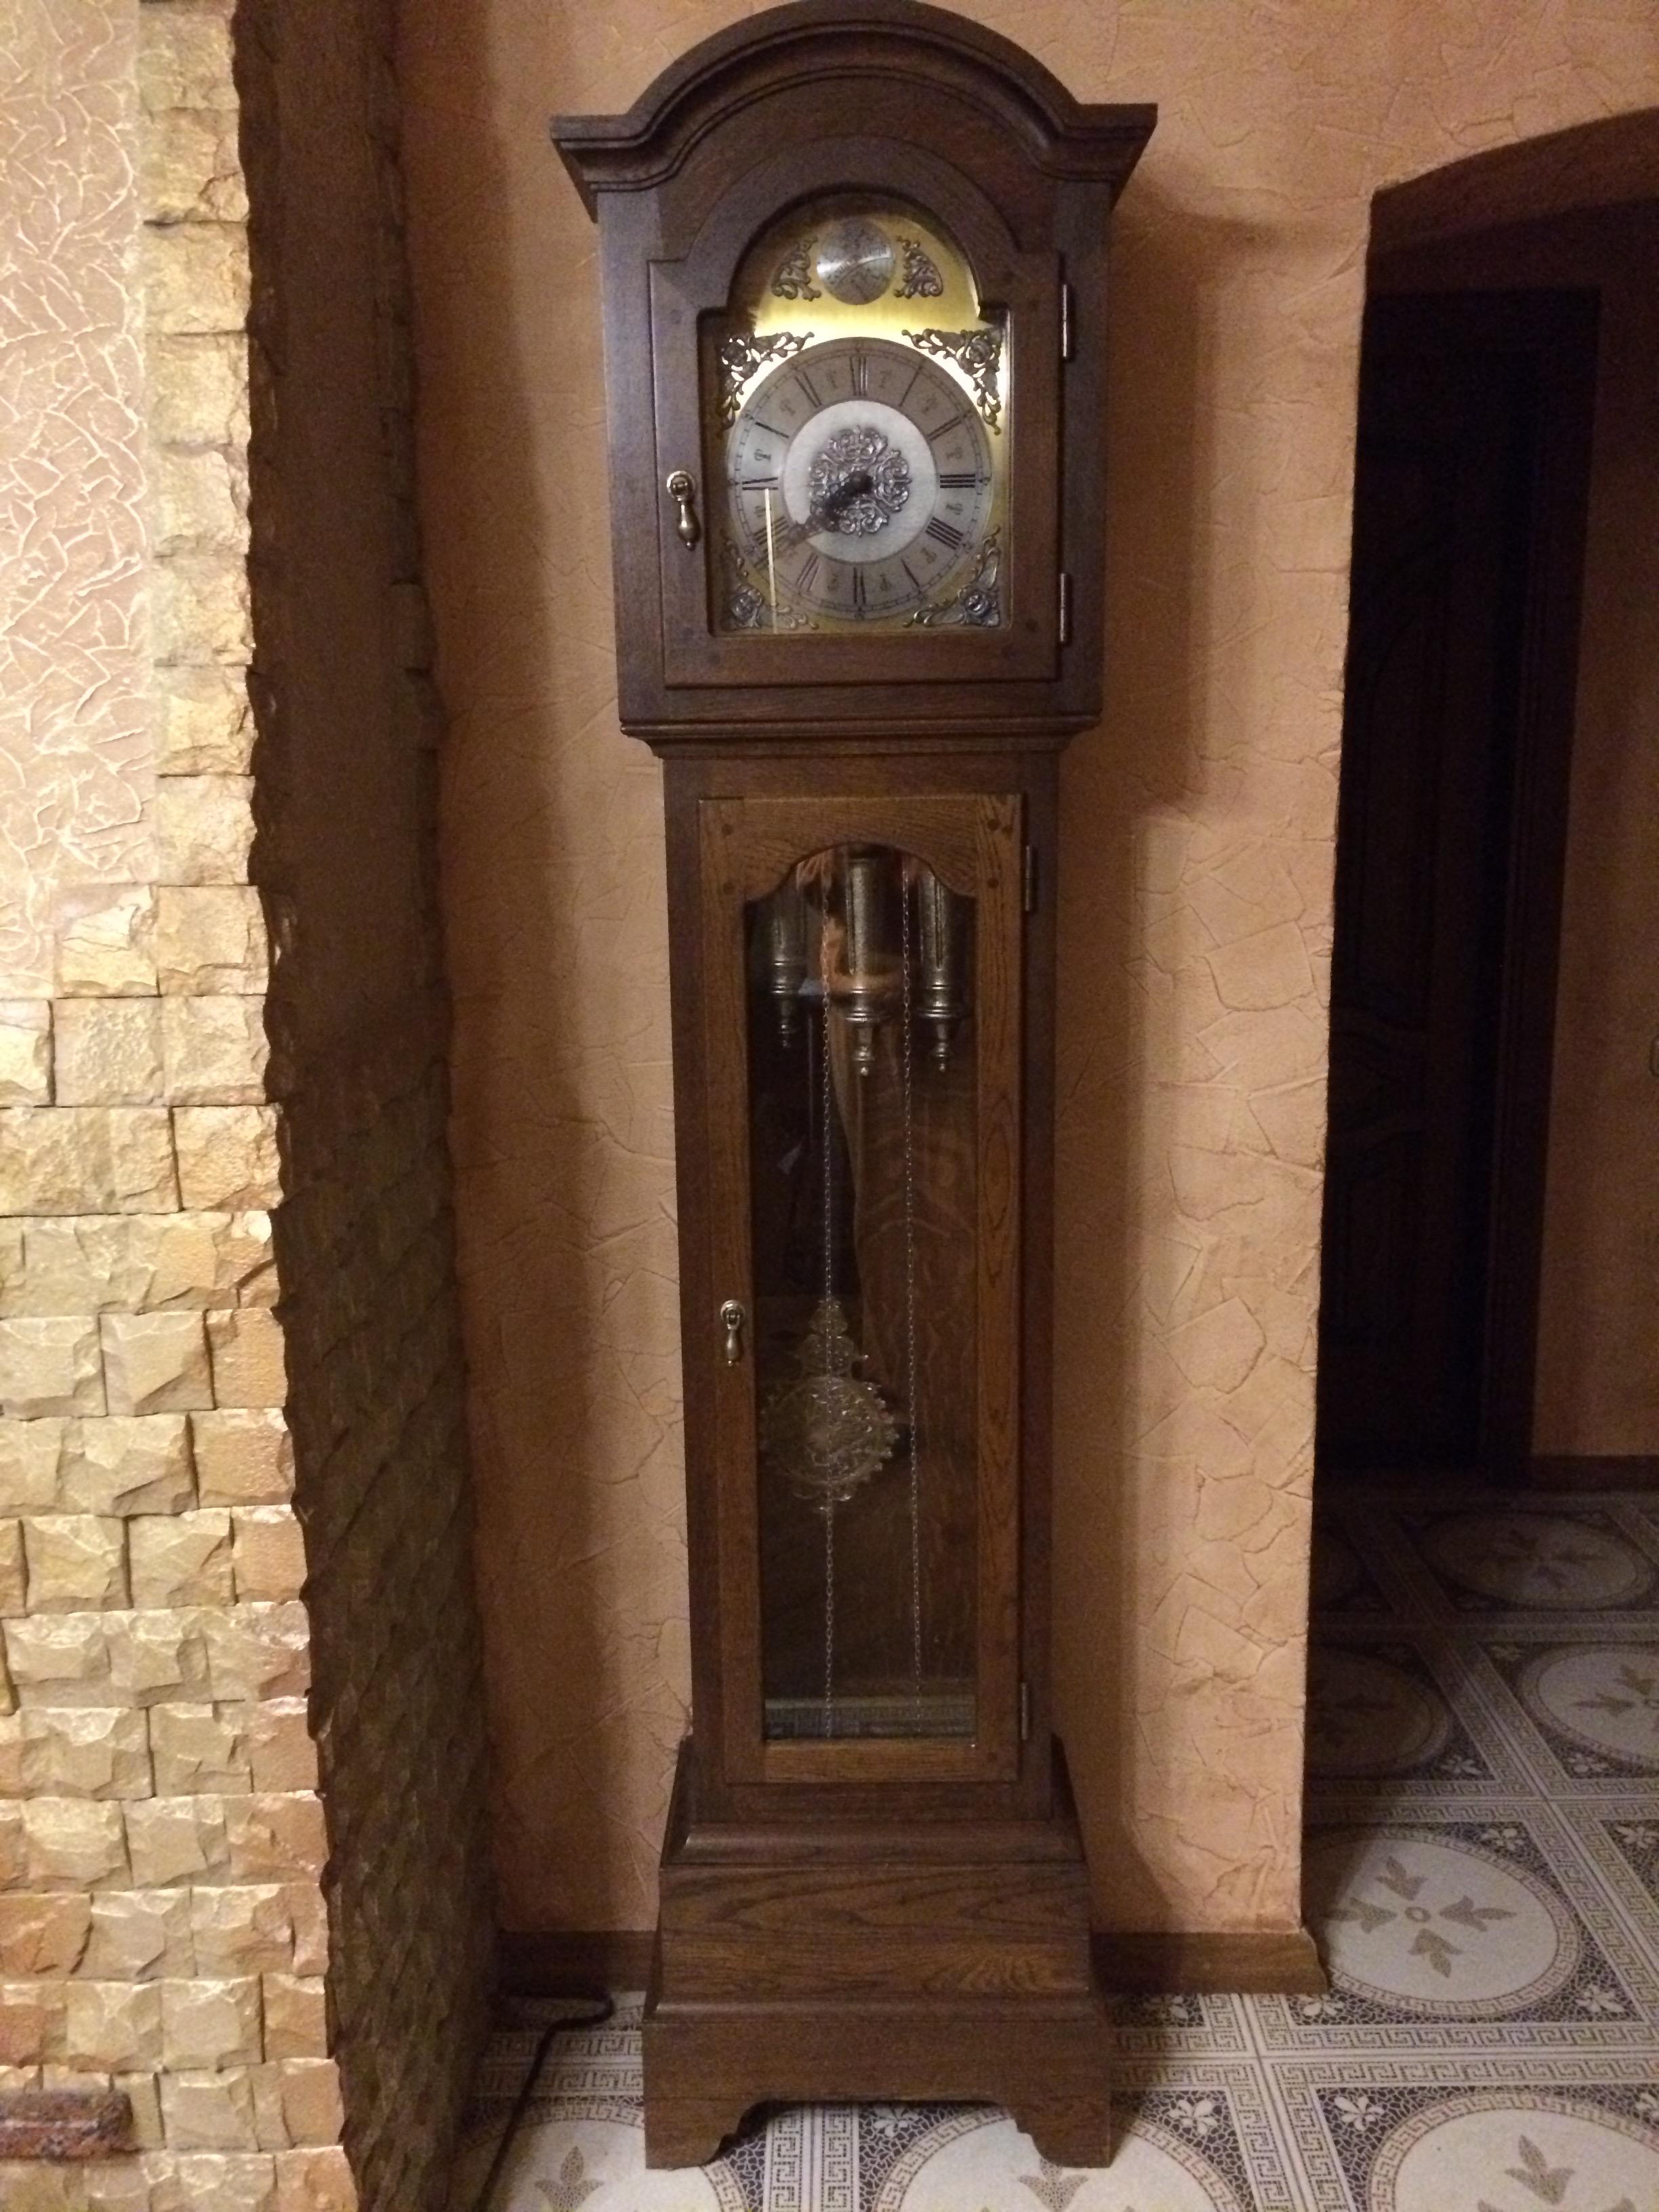 часы Tempus Fugit  старинные антикварные деревянные напольные с боем